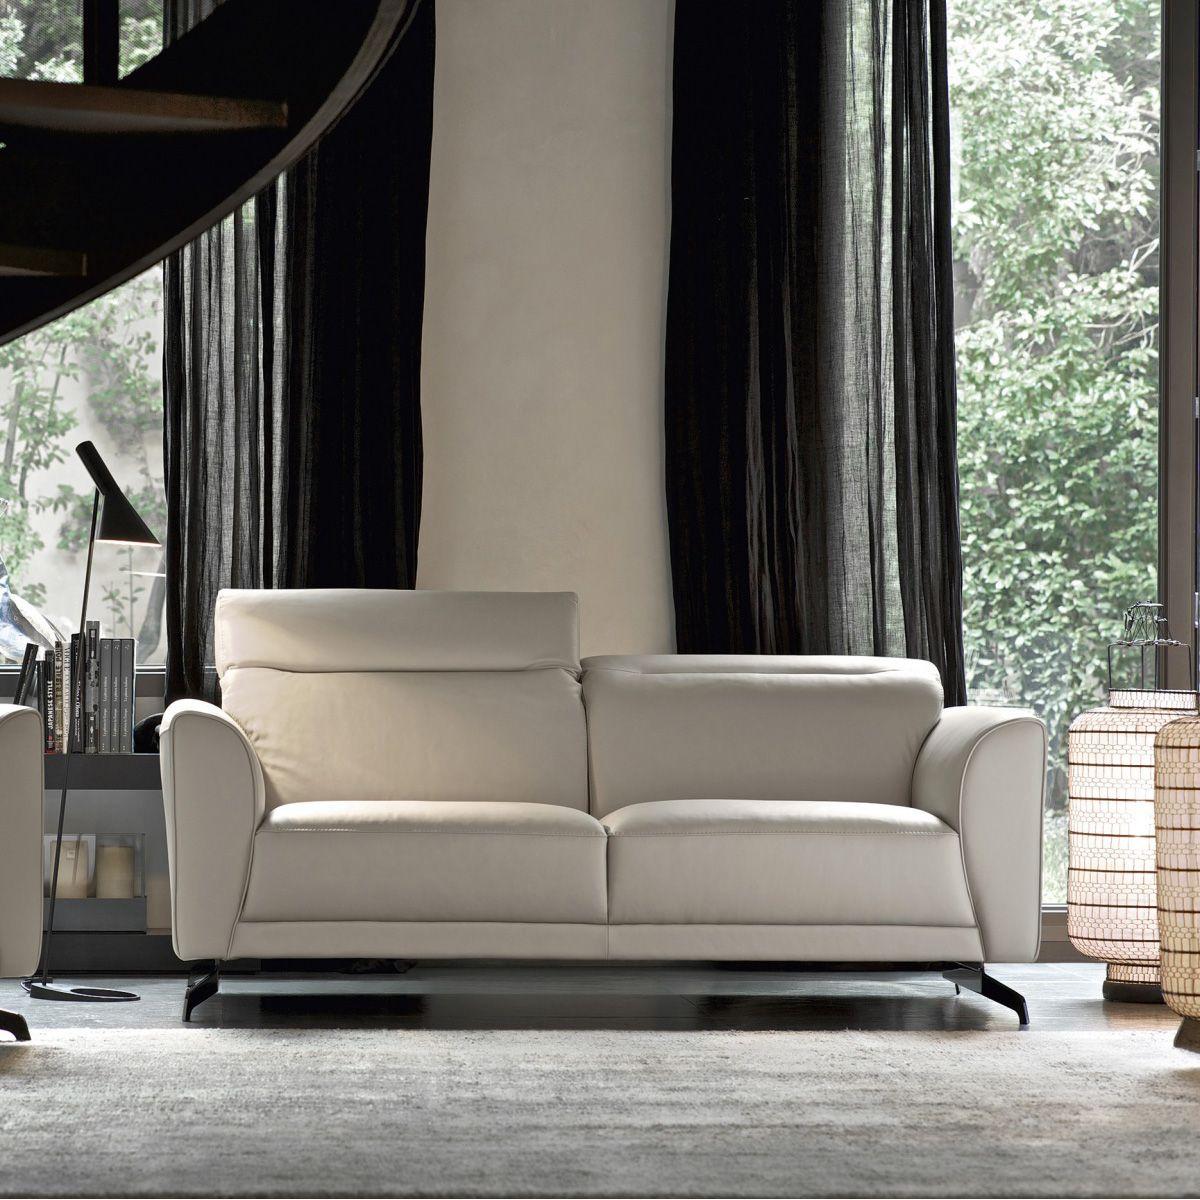 Edison - Doimo Salotti divano in pelle classico | Emporio | divani ...